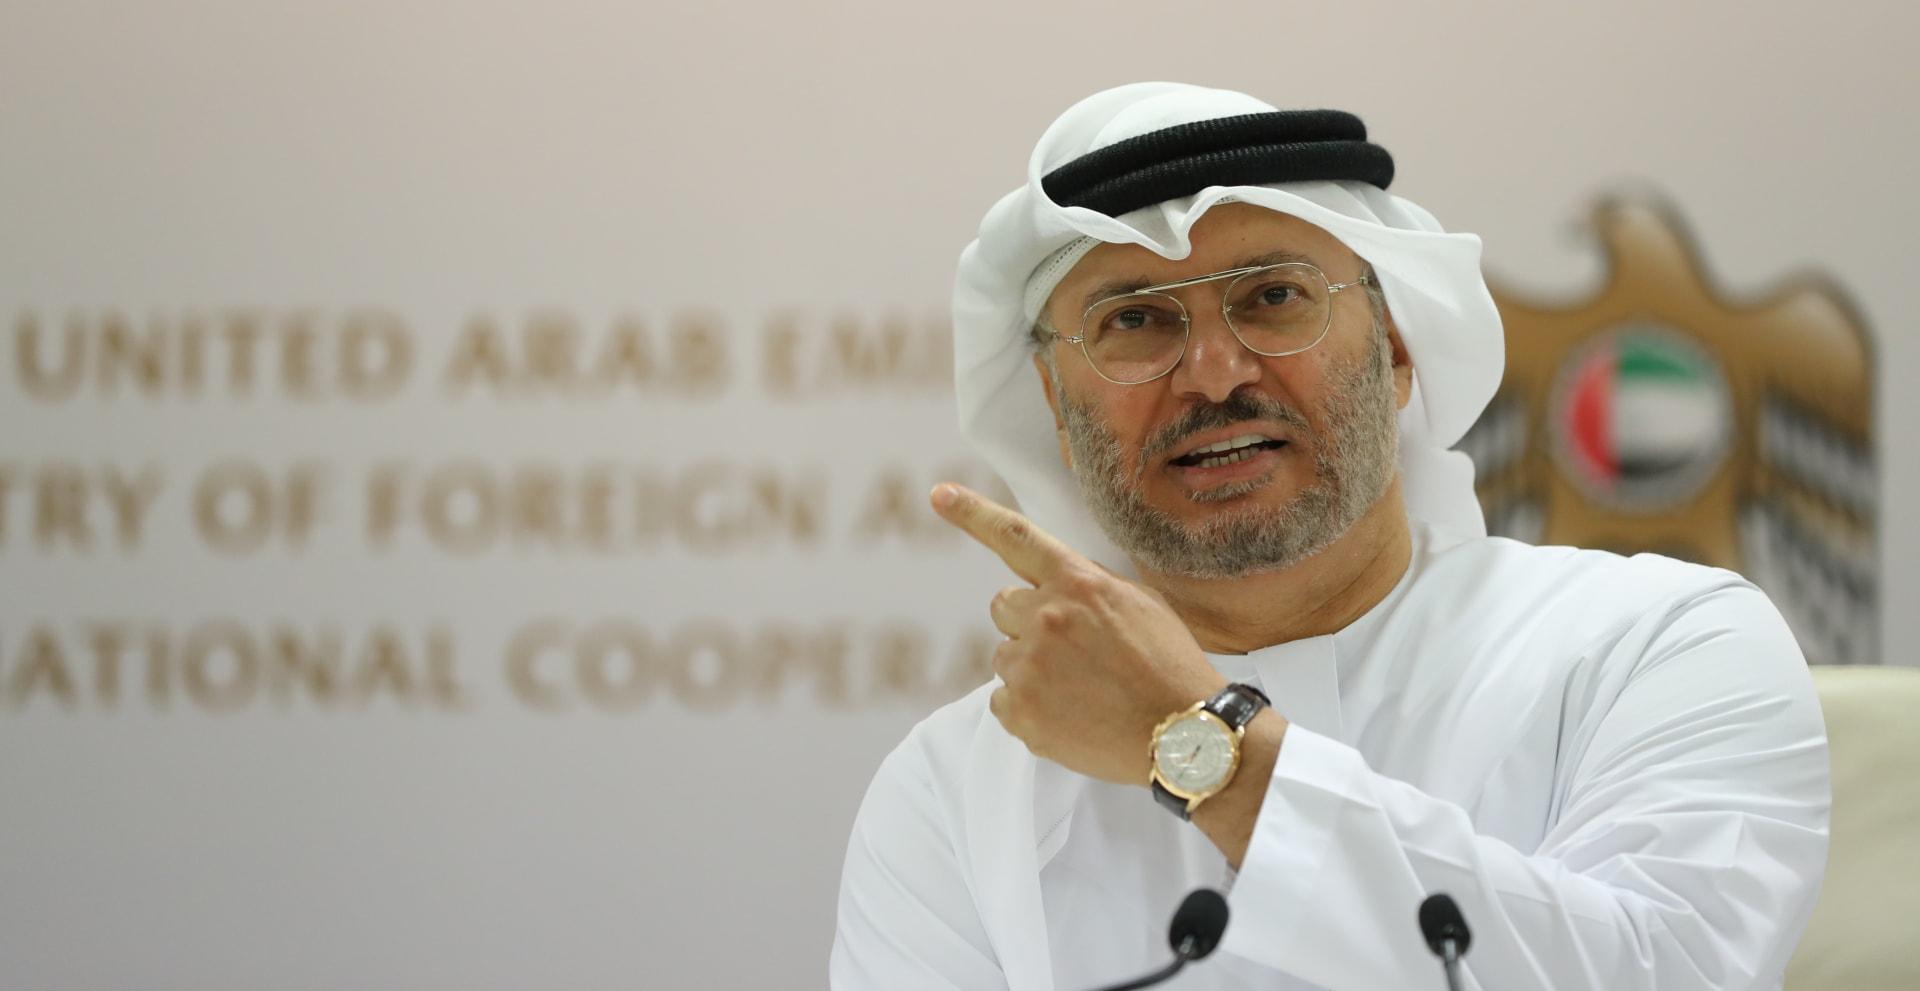 قرقاش: توجهات قطر خدمت مكاتب المحاماة وشركات العلاقات العامة في الغرب